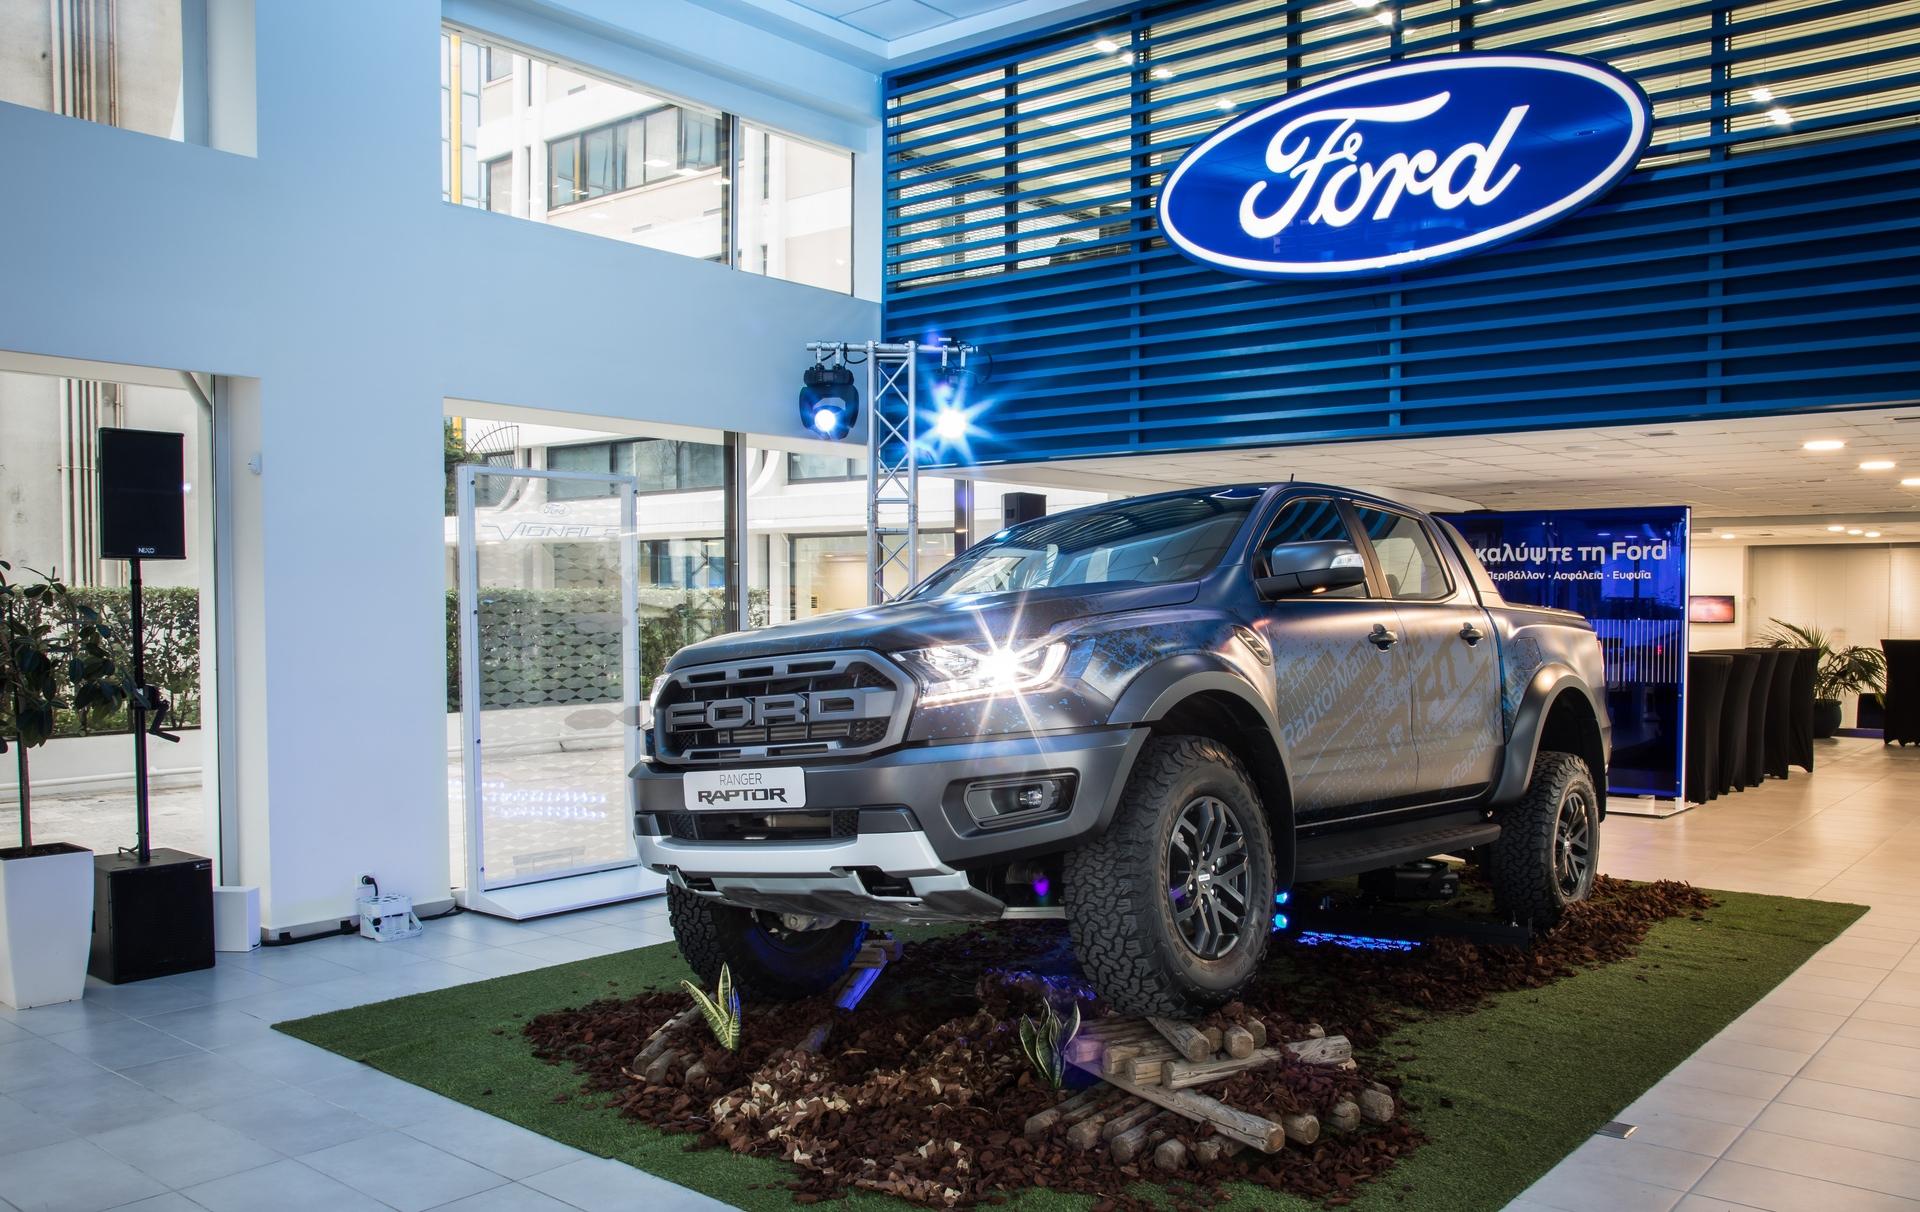 Ford_Ranger_Raptor_greek_resentation_0006